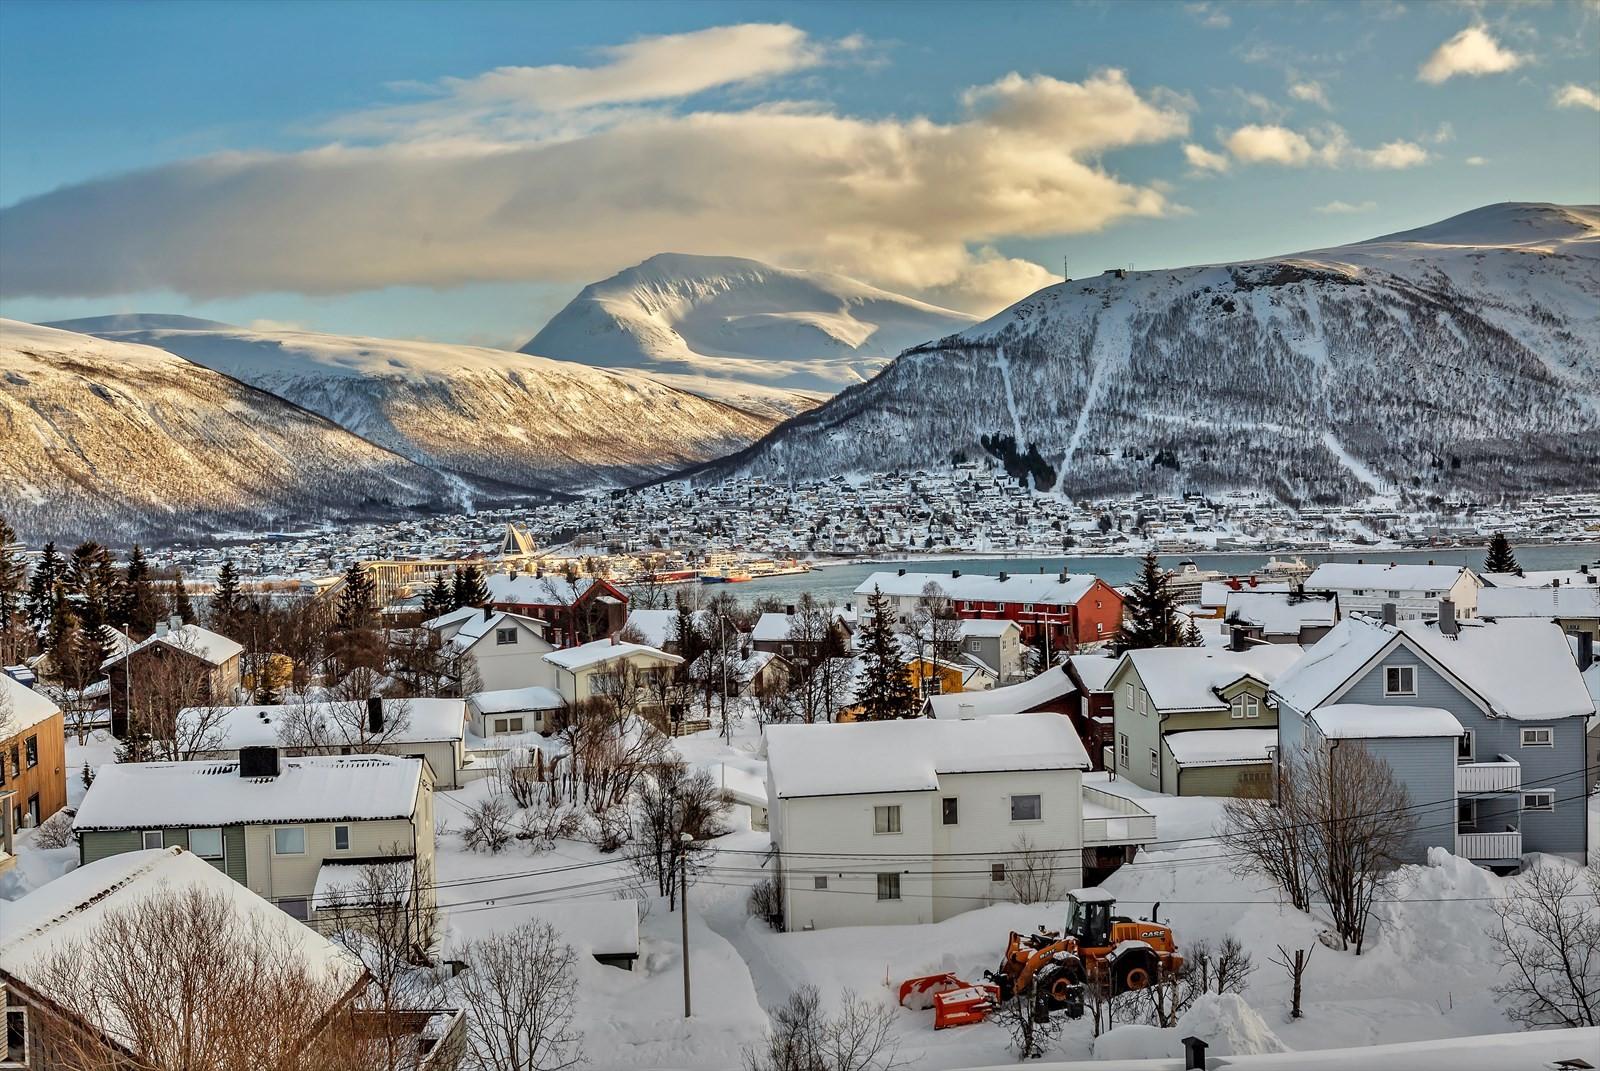 Fantastisk utsikt - Tromsøysundet, Tromsdalstinden, Fjellheisen og ...